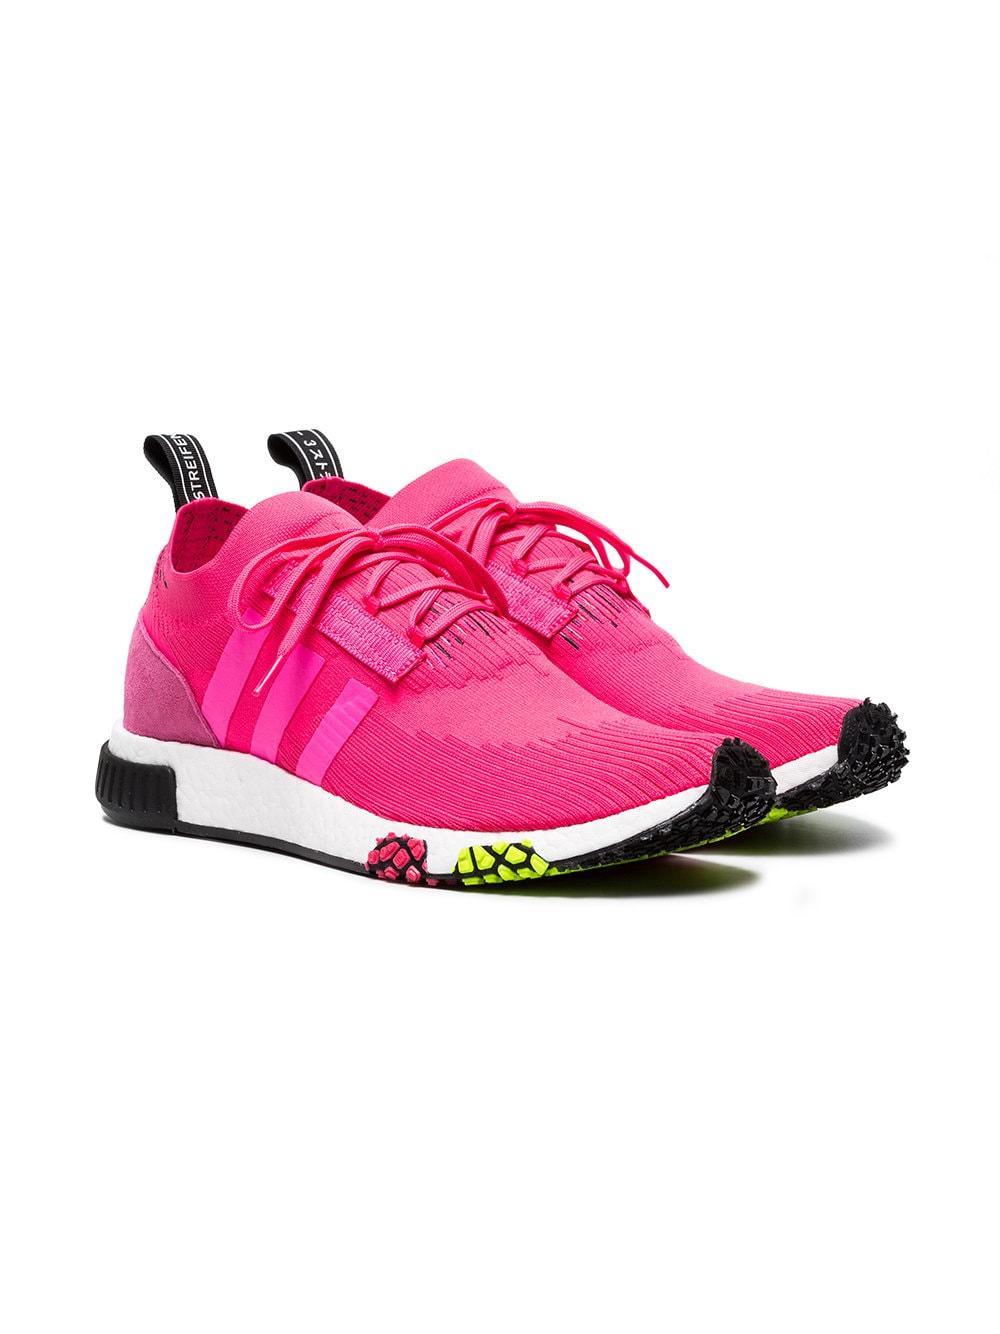 Zapatillas NMD Racer Primeknit adidas de Tejido sintético de color Rosa para hombre